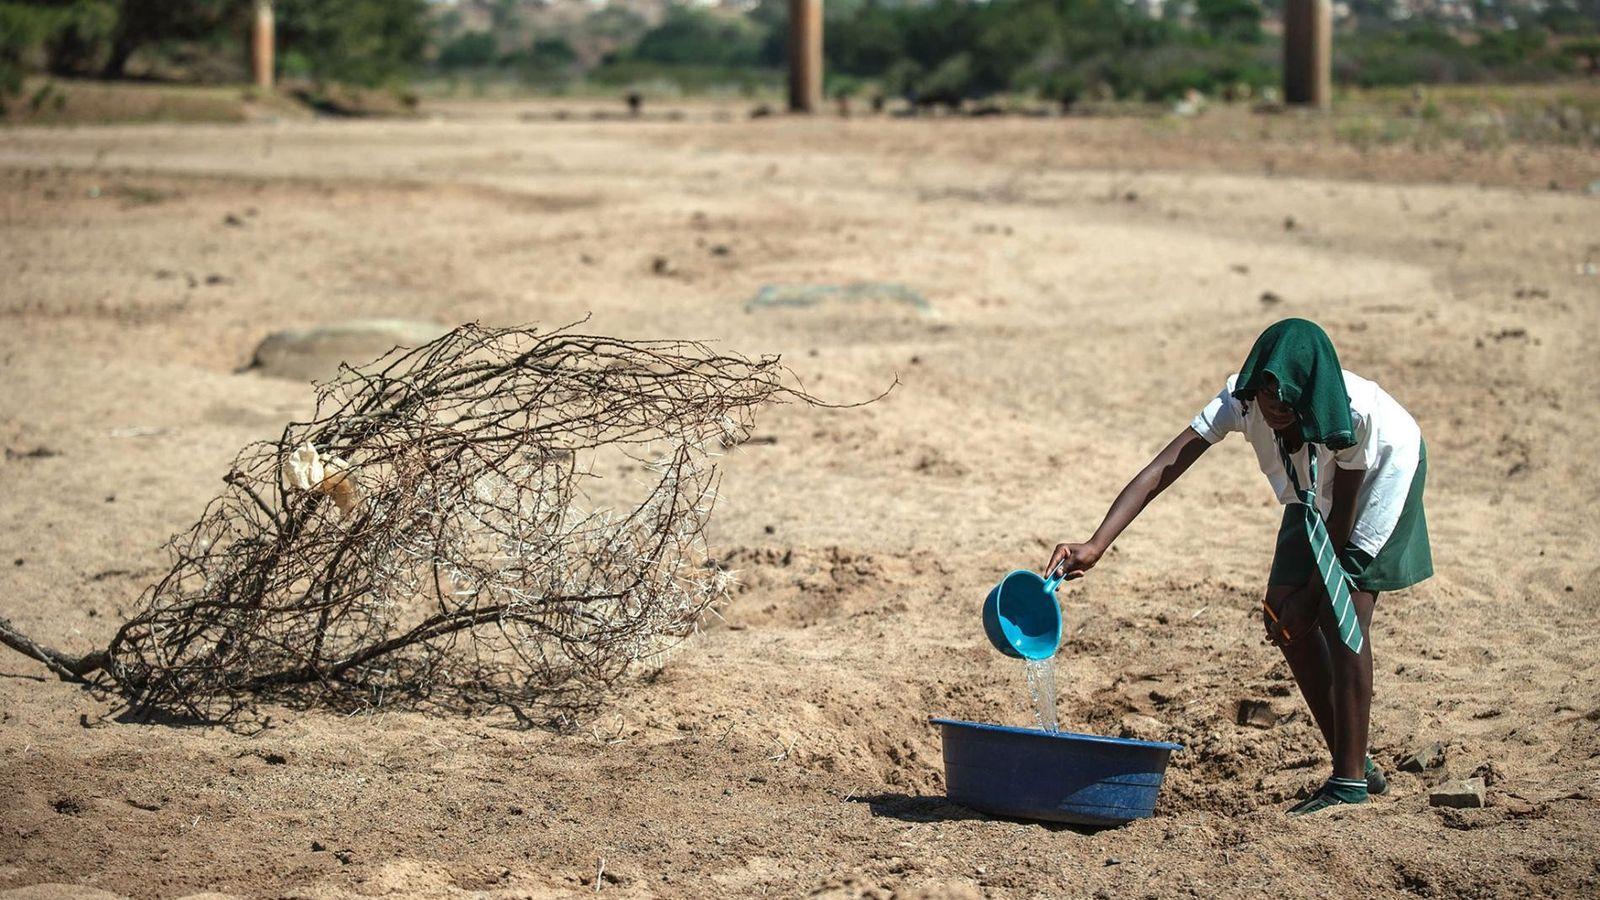 Une écolière tente de collecter de l'eau dans une flaque au nord-ouest de Durban, gravement affecté ...